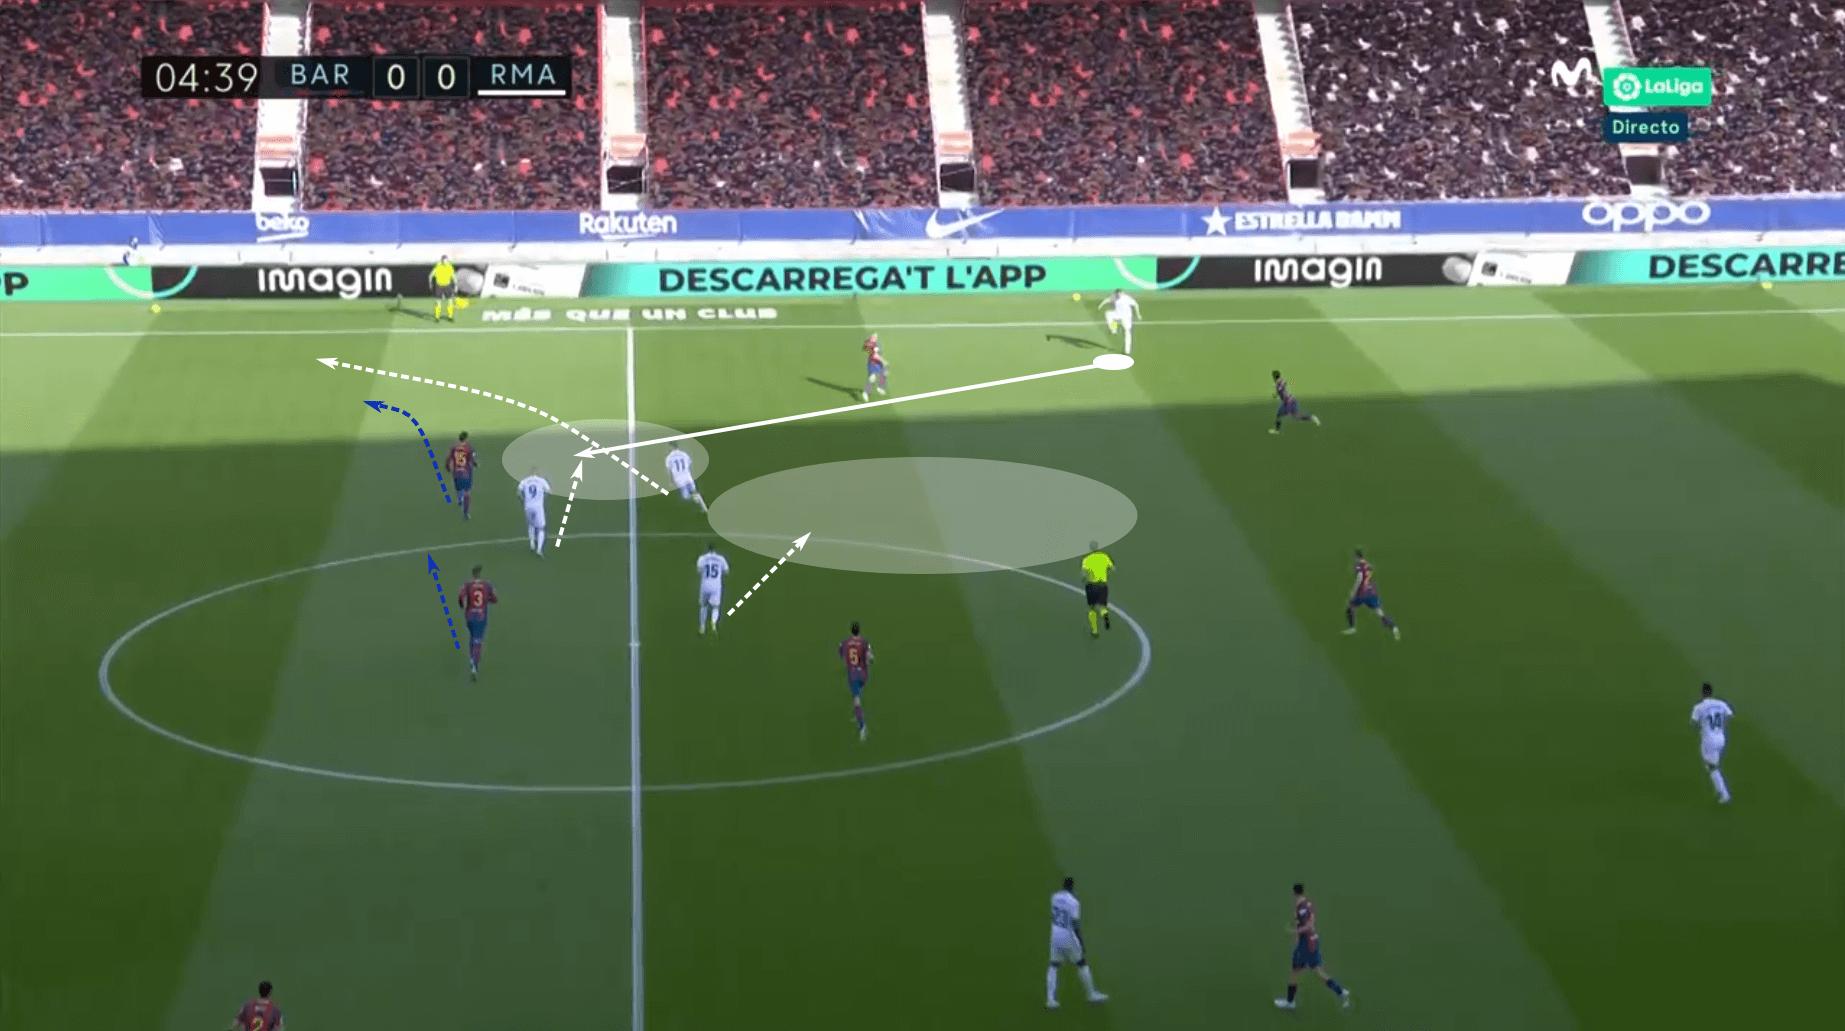 La Liga 2020/21: Real Madrid vs Barcelona - tactical preview analysis tactics